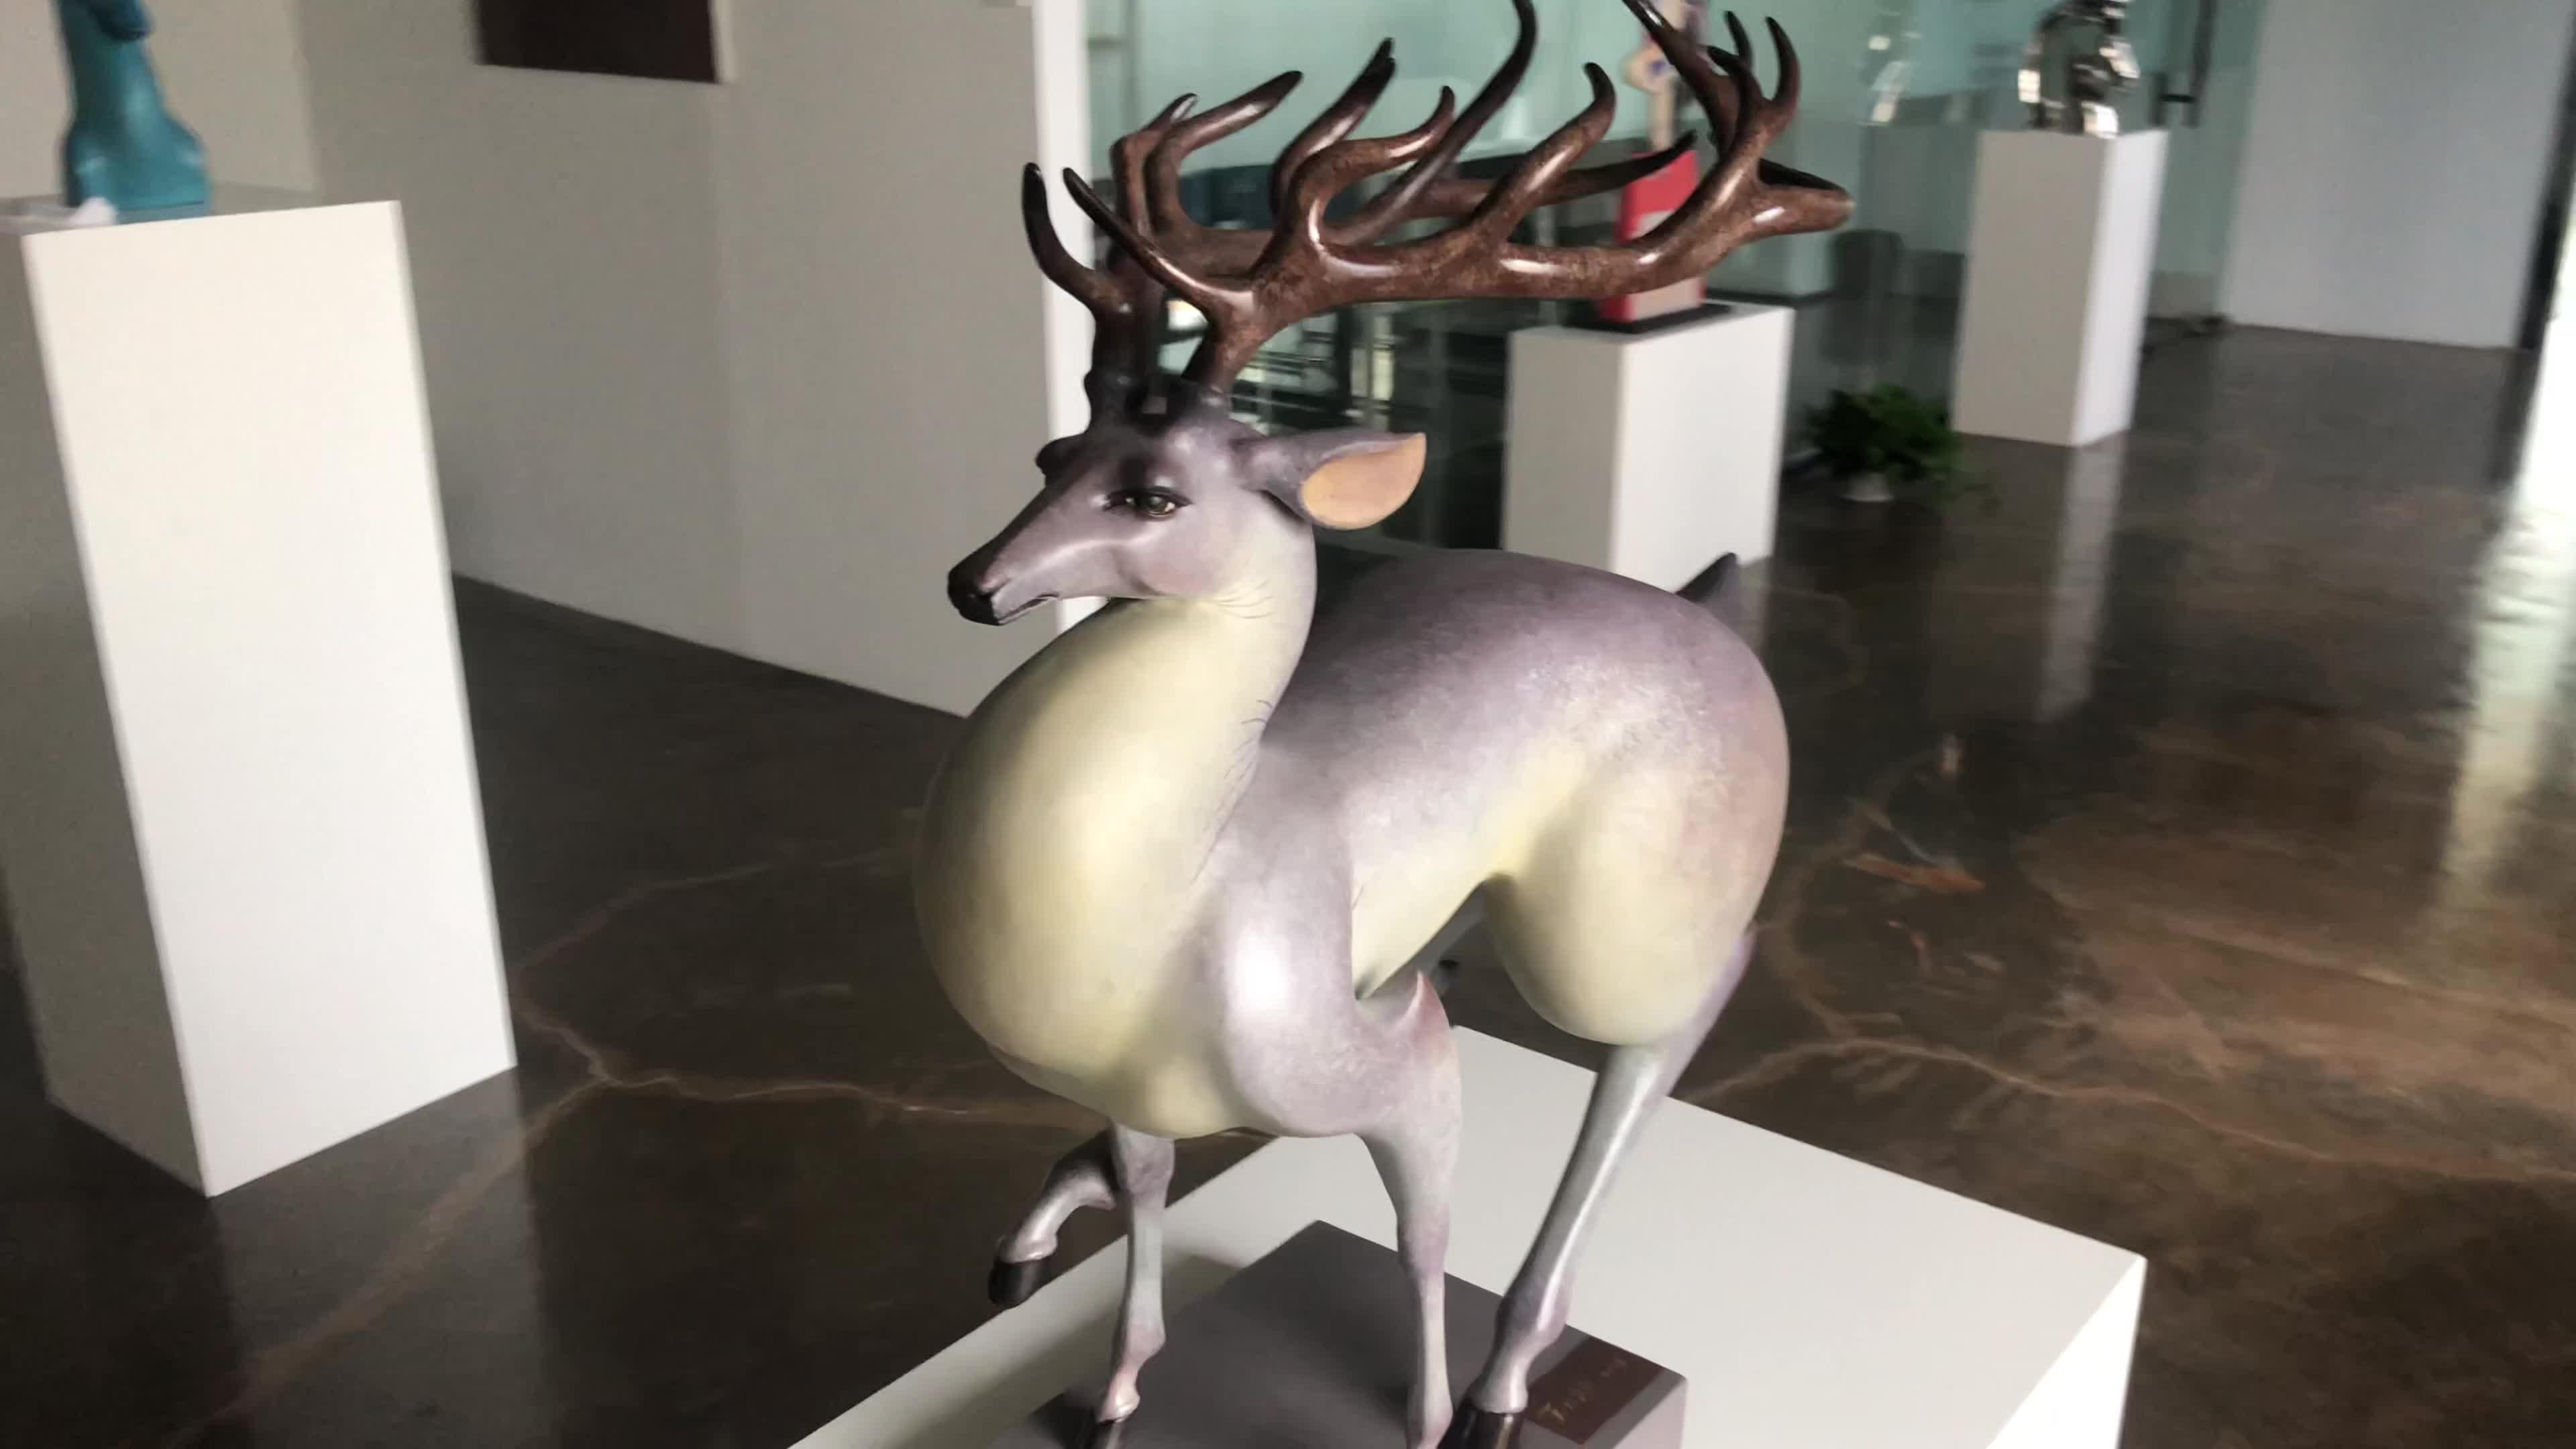 คุณภาพสูง 35*26*11 ซม.เดิมสีม่วงวิ่งกวางแม่พิมพ์ 3d สัตว์ artware ในร่ม bronze ประติมากรรม